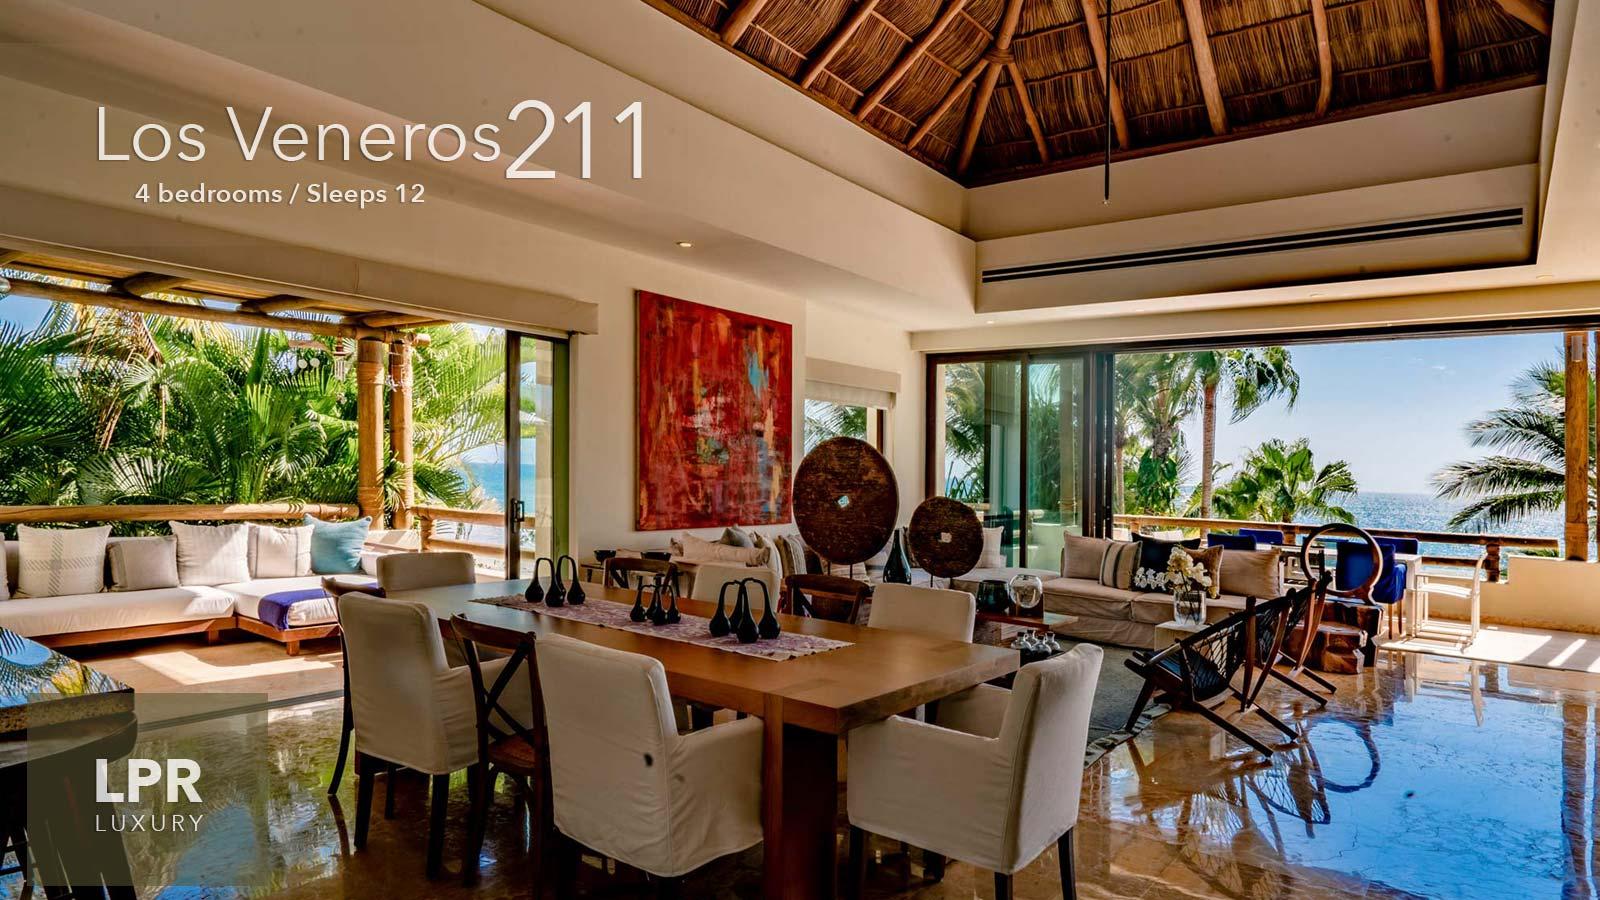 Los Veneros 211 - Luxury Punta de Mita vacation rental condo - Riviera Nayarit, Mexico